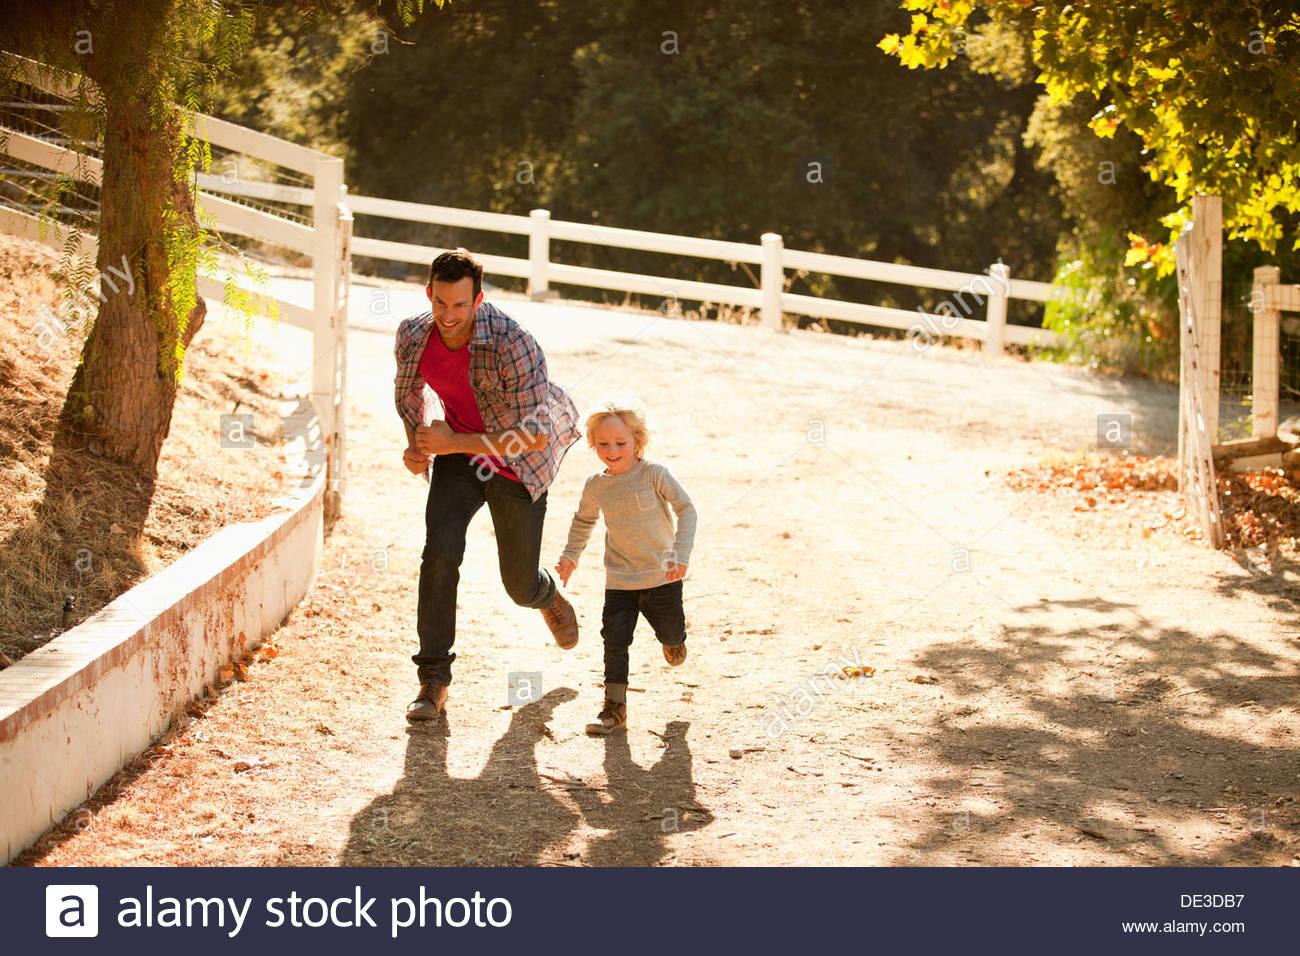 Vater jagt Sohn auf Feldweg Stockbild